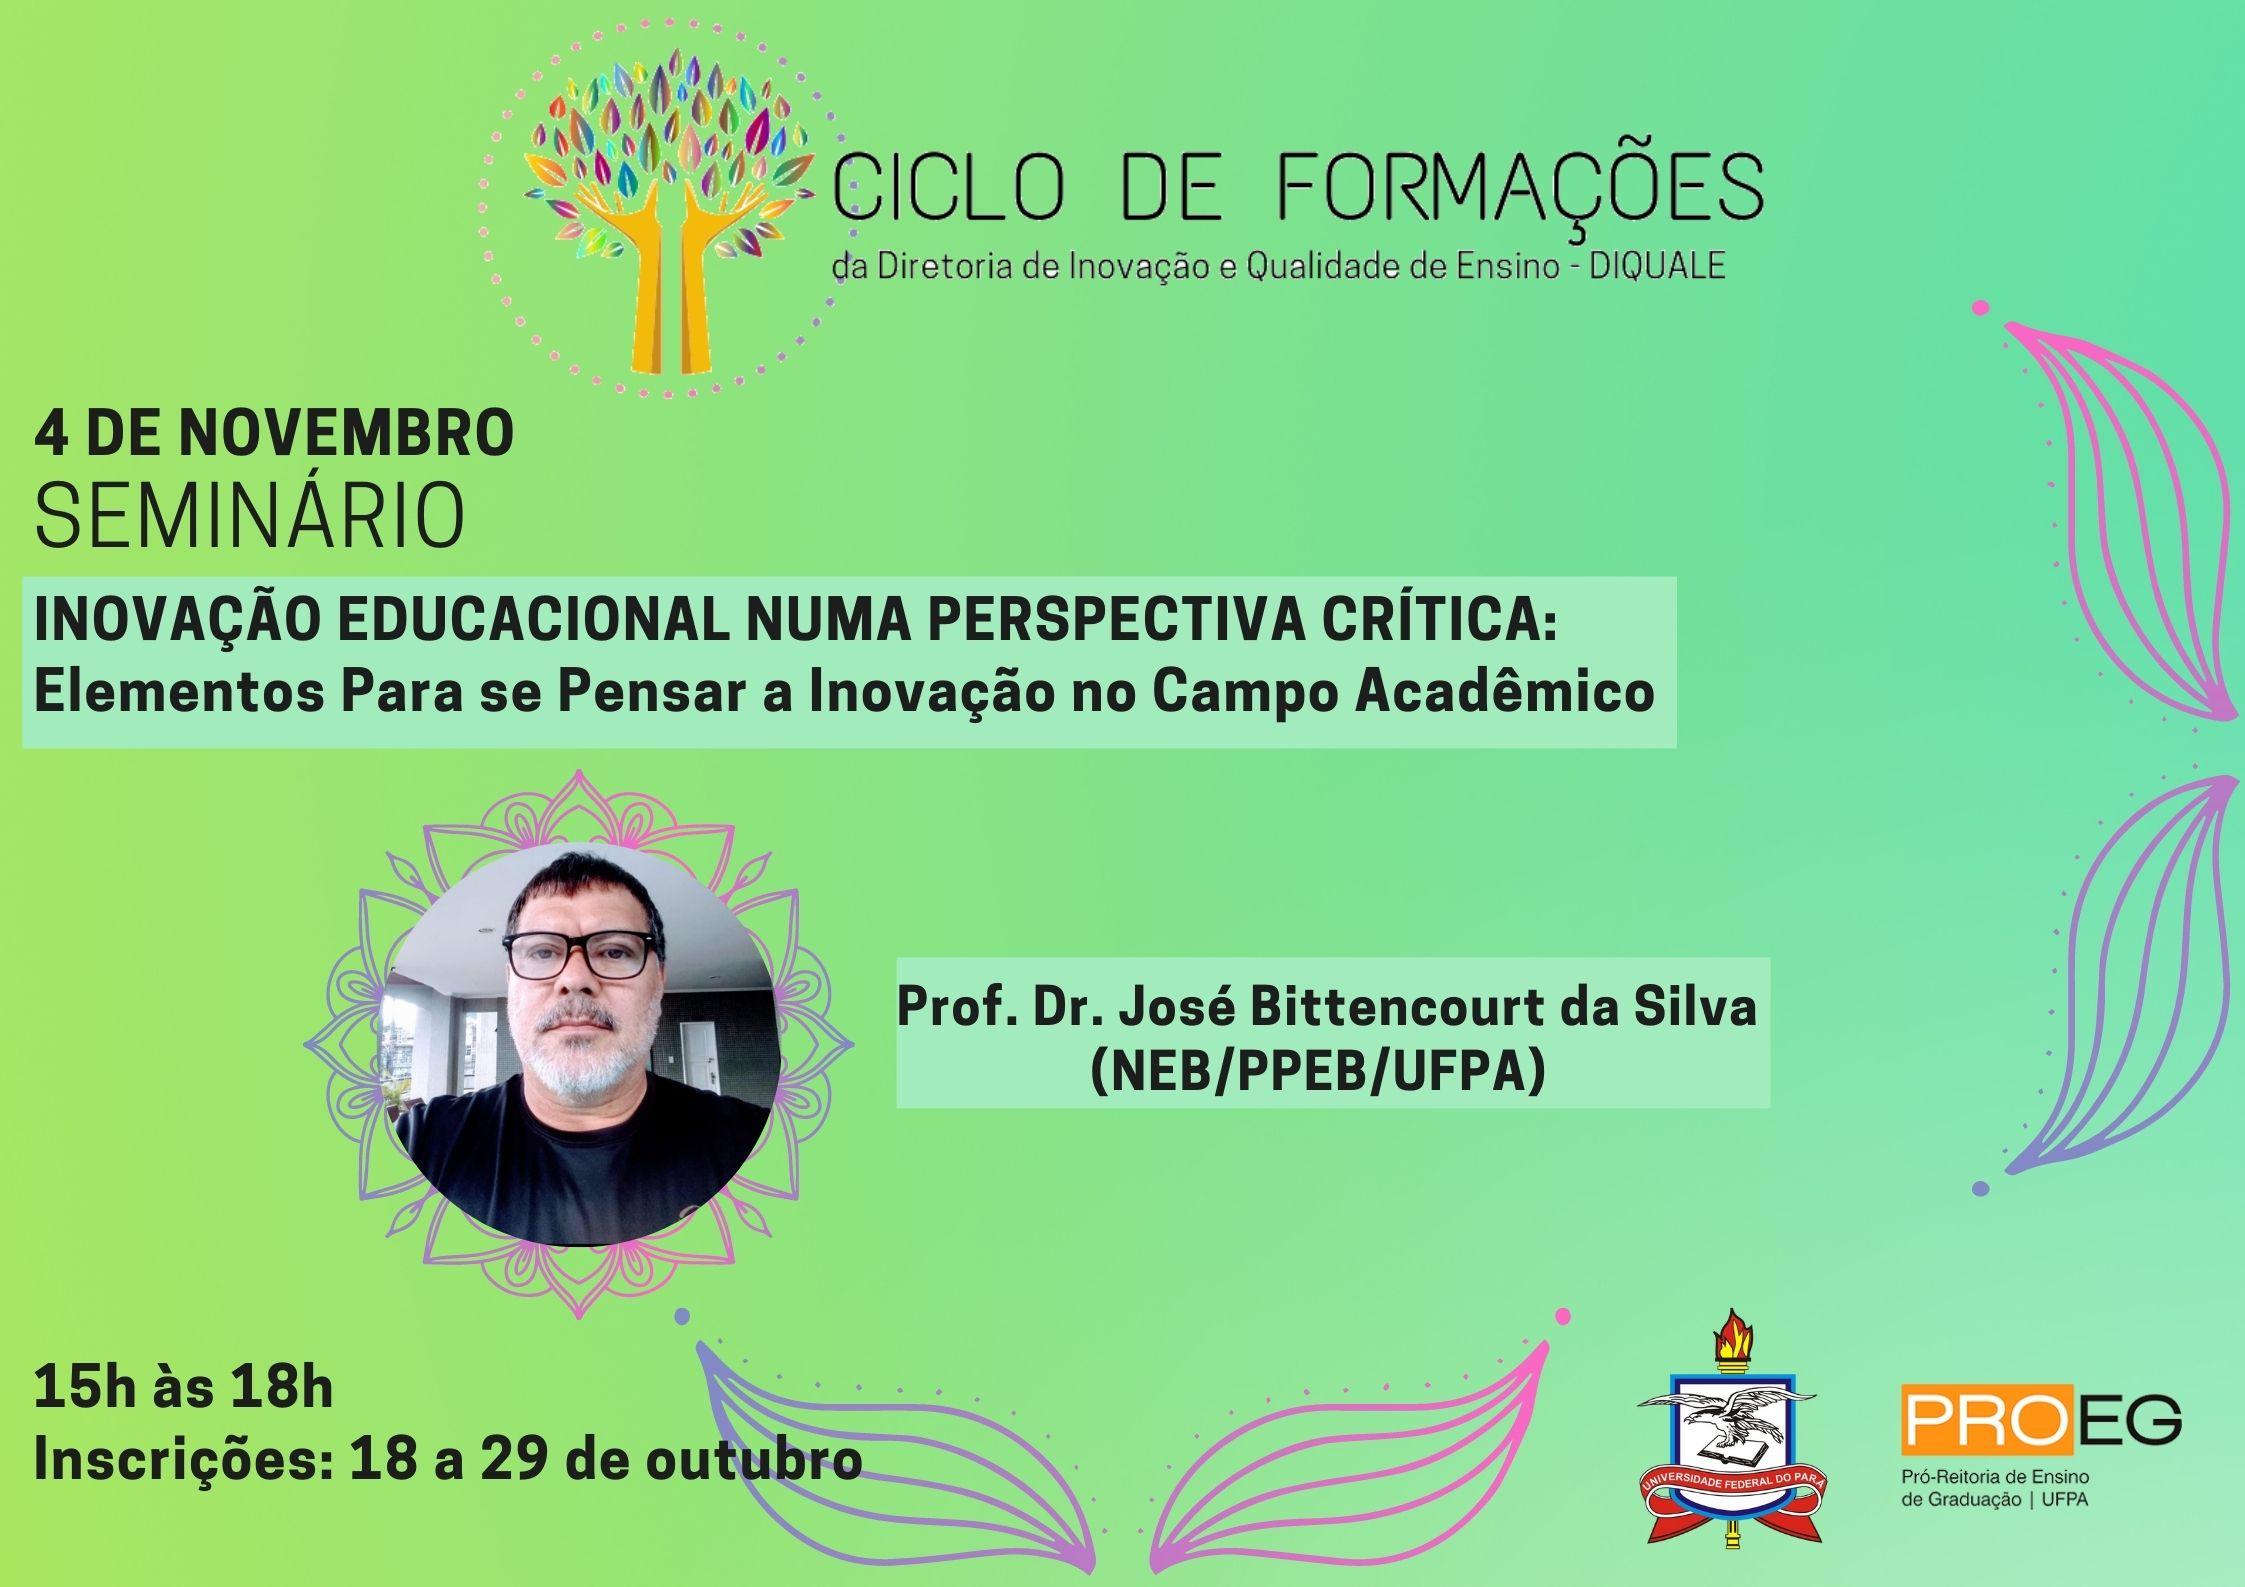 Seminário Inovação educacional numa perspectiva crítica: elementos para se pensar a inovação no campo acadêmico